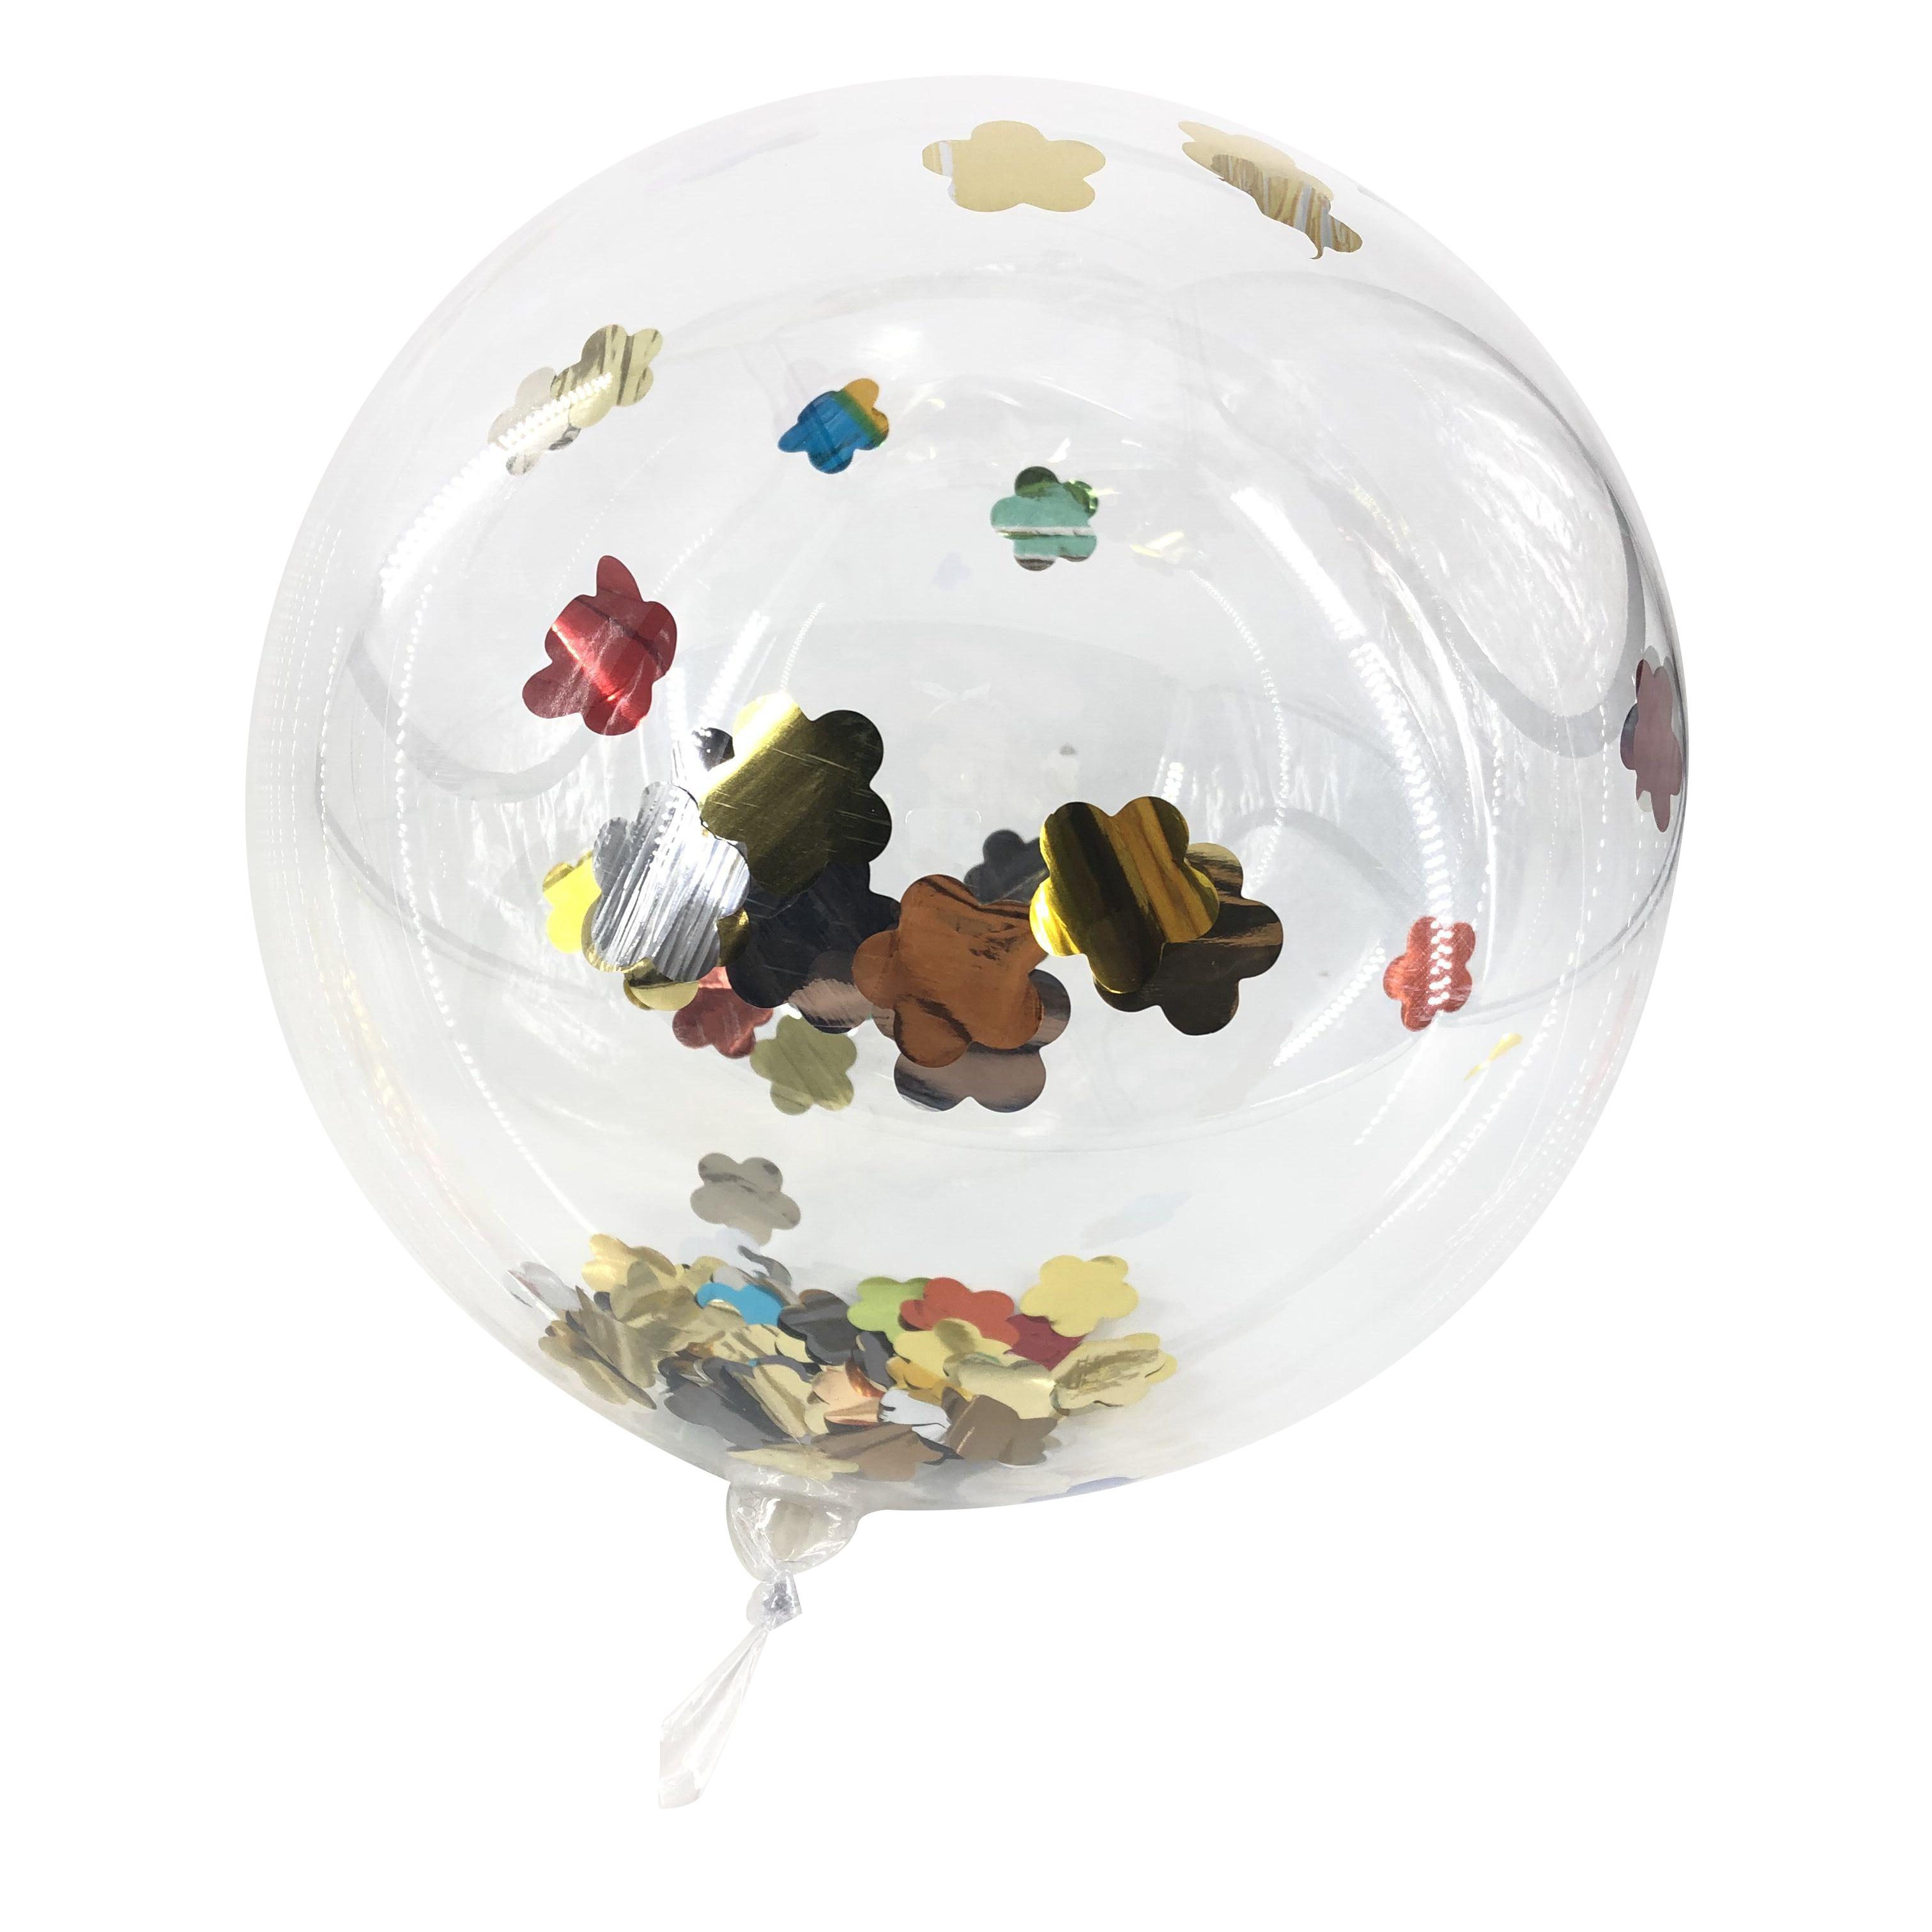 Для дня рождения, для свадьбы или вечеринки торжеств украшения круглый пузырь клипсы для воздушных шаров, ПВХ прозрачный шар